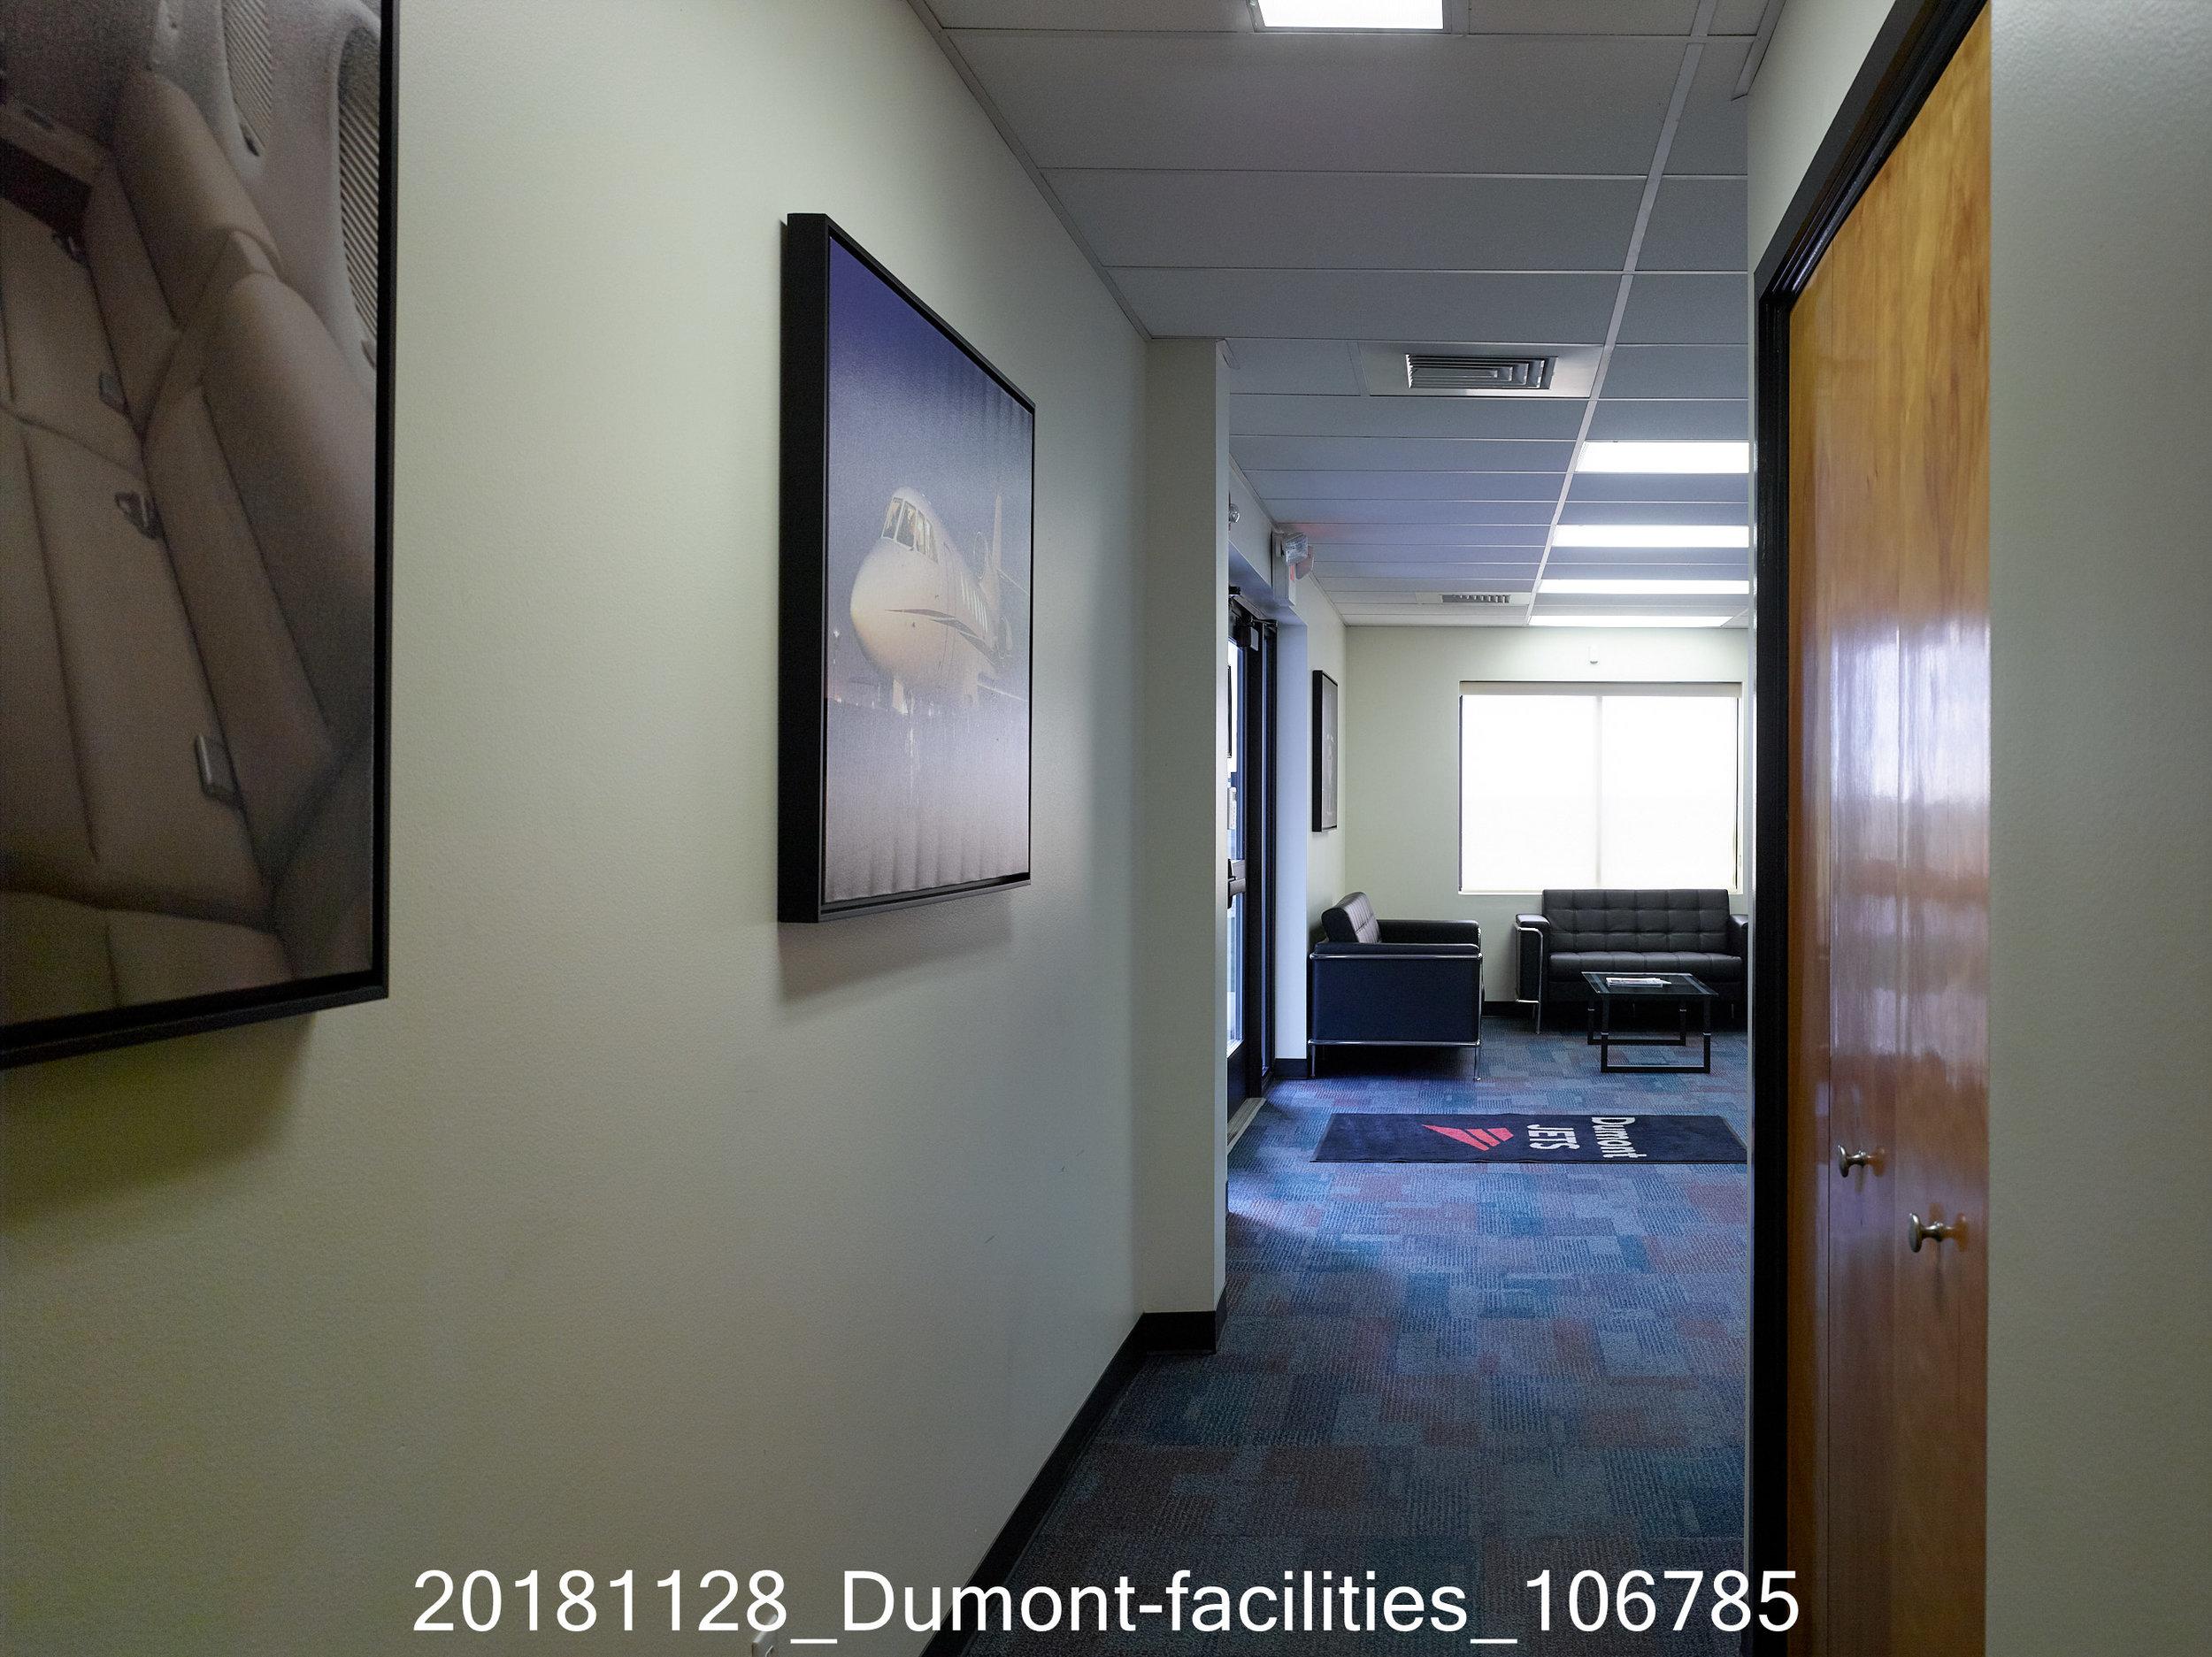 20181128_Dumont-facilities_106785.jpg